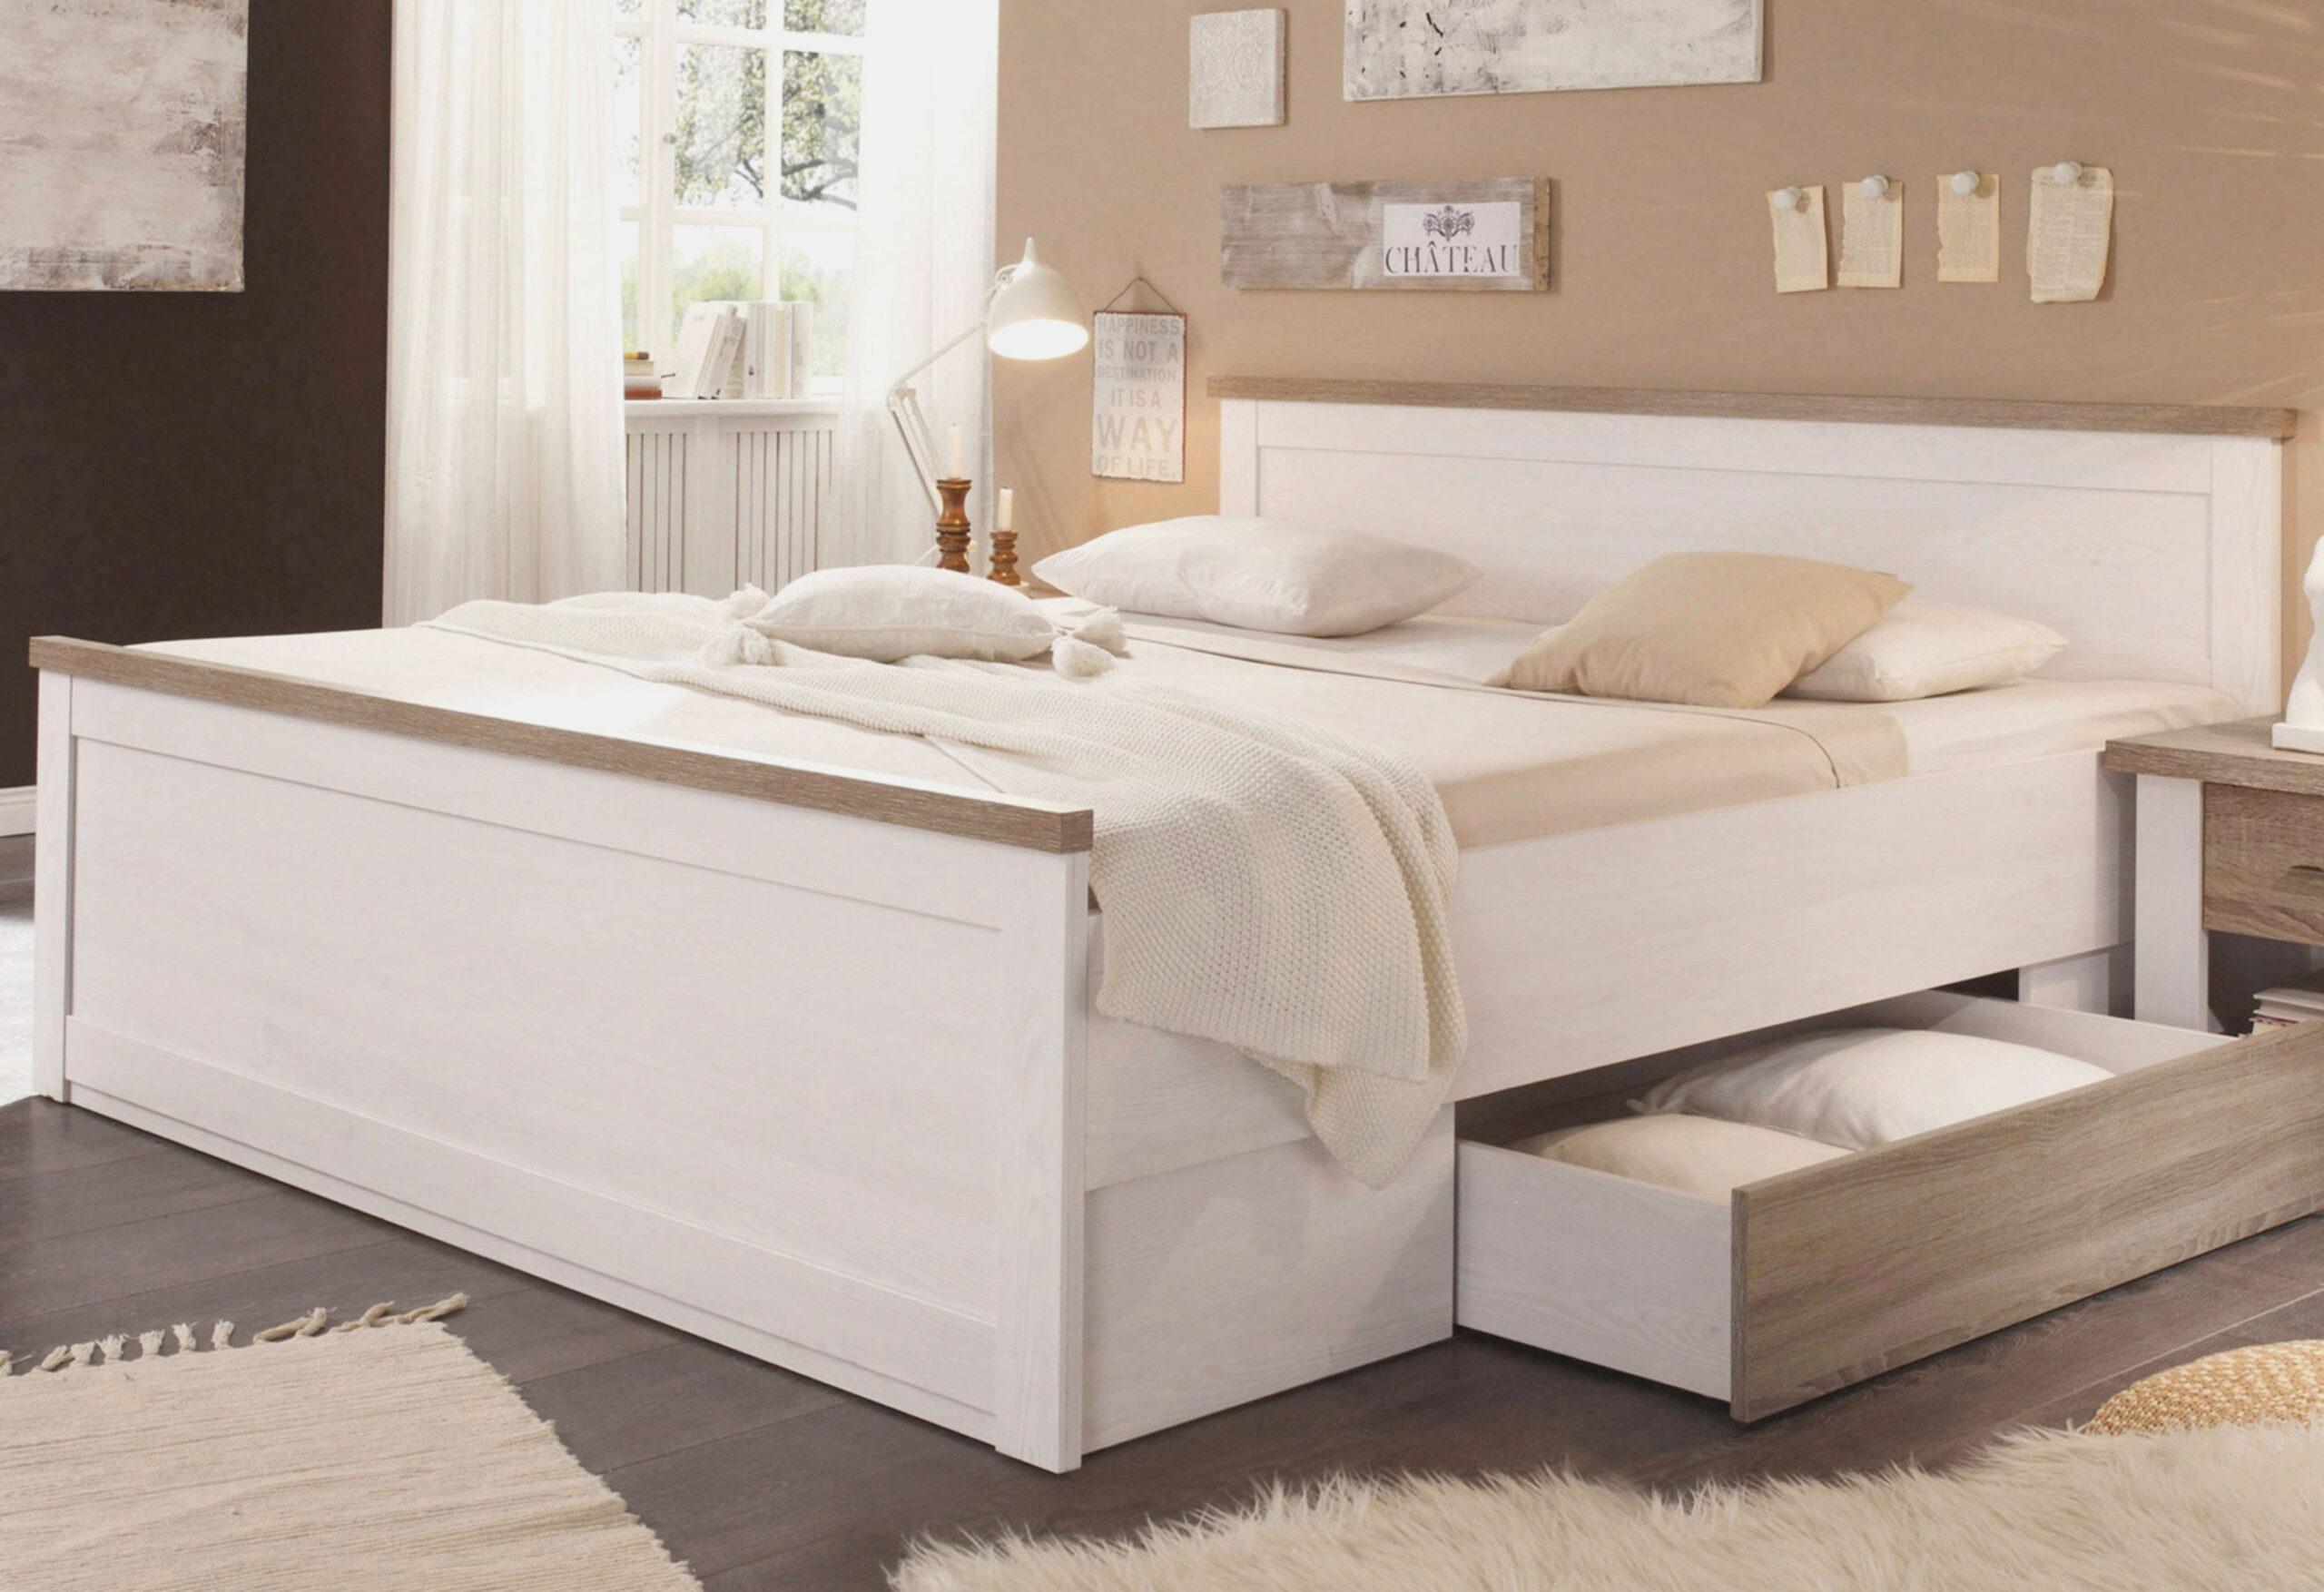 Full Size of Stauraumbett 200x200 39 E0 Stauraum Bett Fhrung Weiß Komforthöhe Betten Mit Bettkasten Wohnzimmer Stauraumbett 200x200